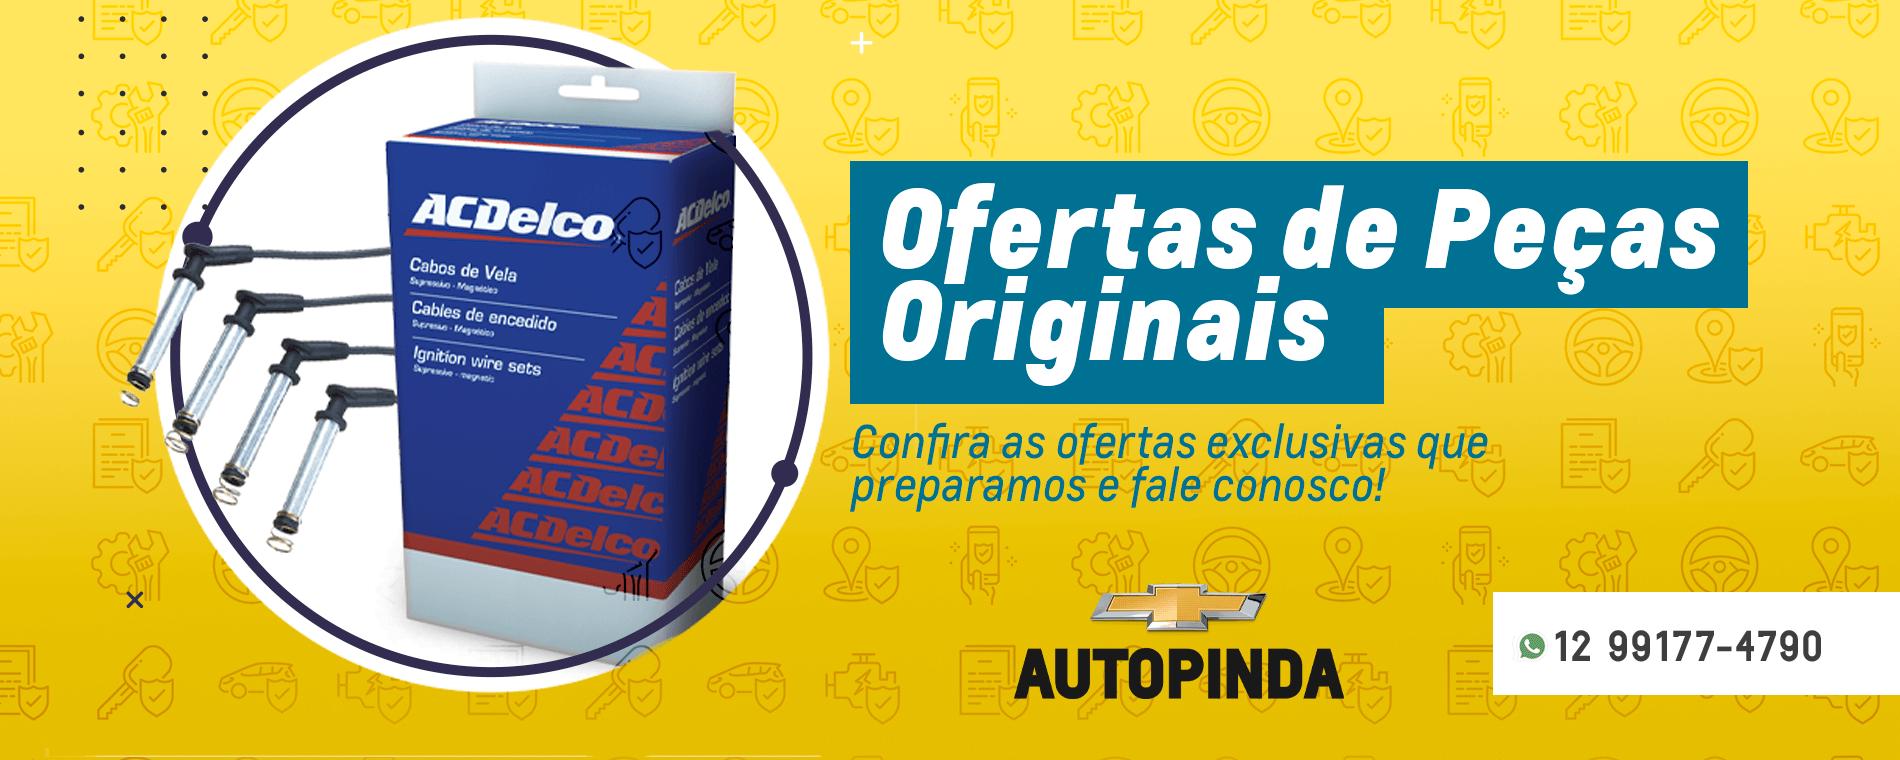 Banner Oferta de Peças Originais Autopinda